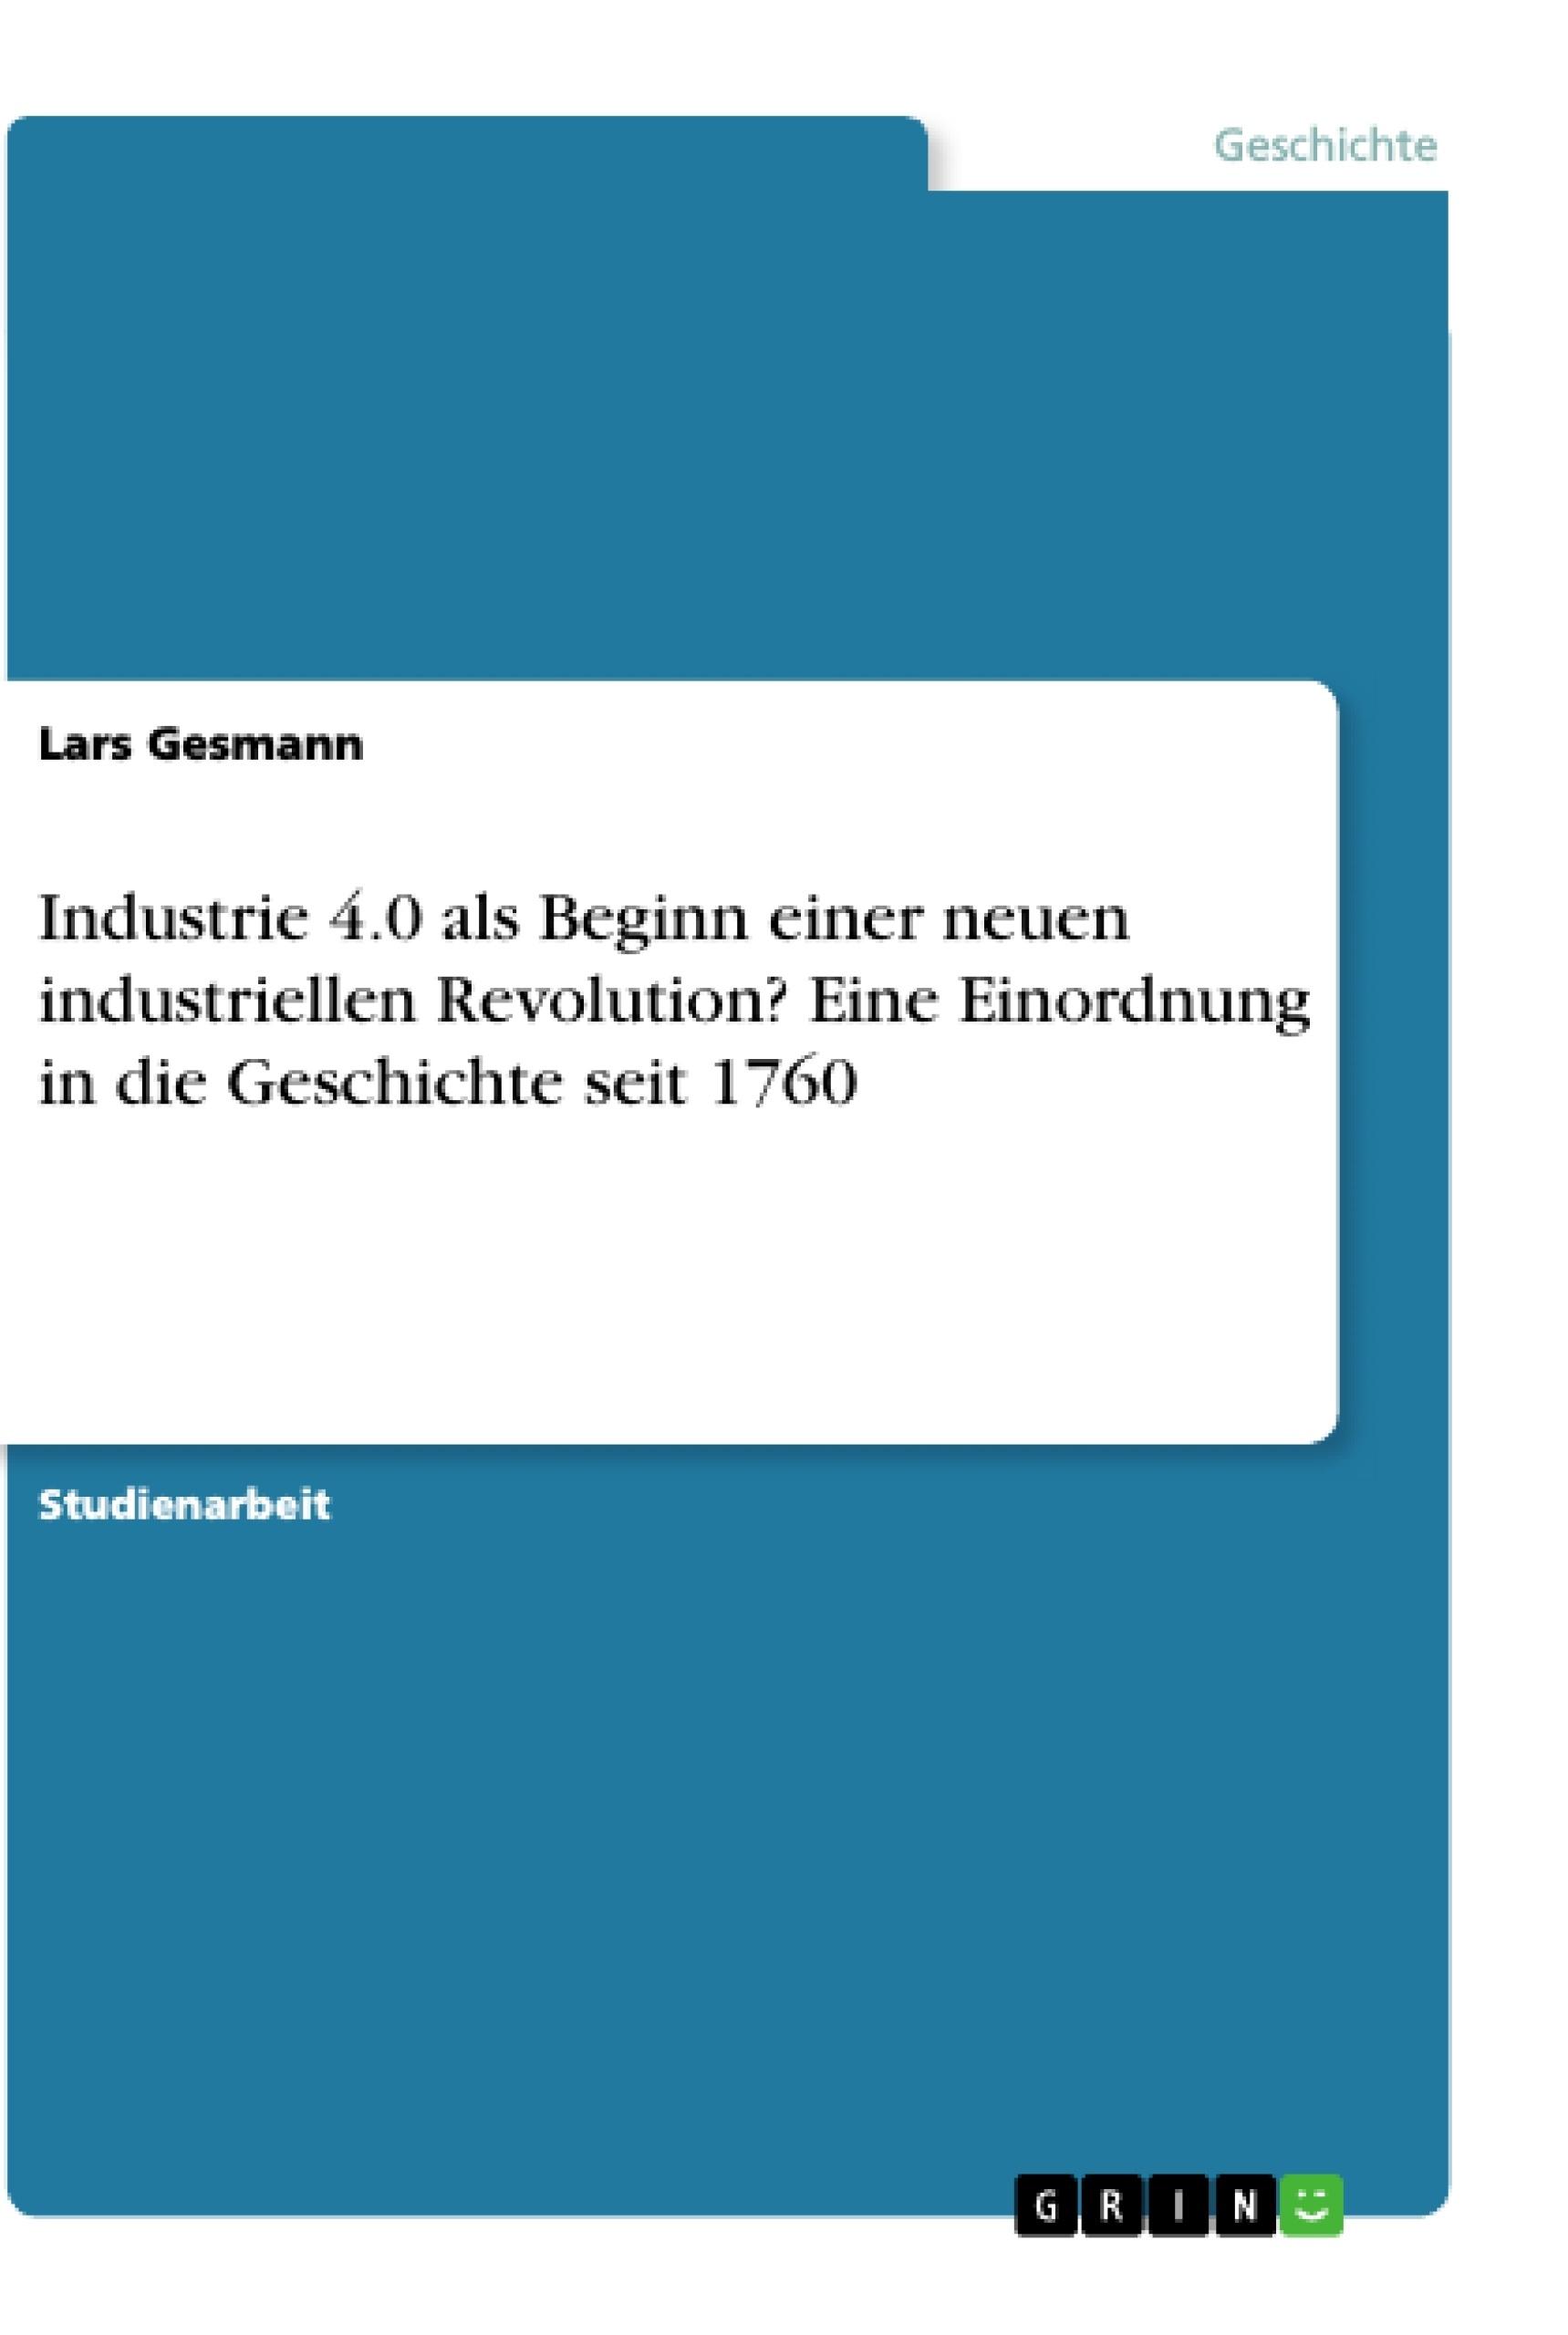 Titel: Industrie 4.0 als Beginn einer neuen industriellen Revolution? Eine Einordnung in die Geschichte seit 1760